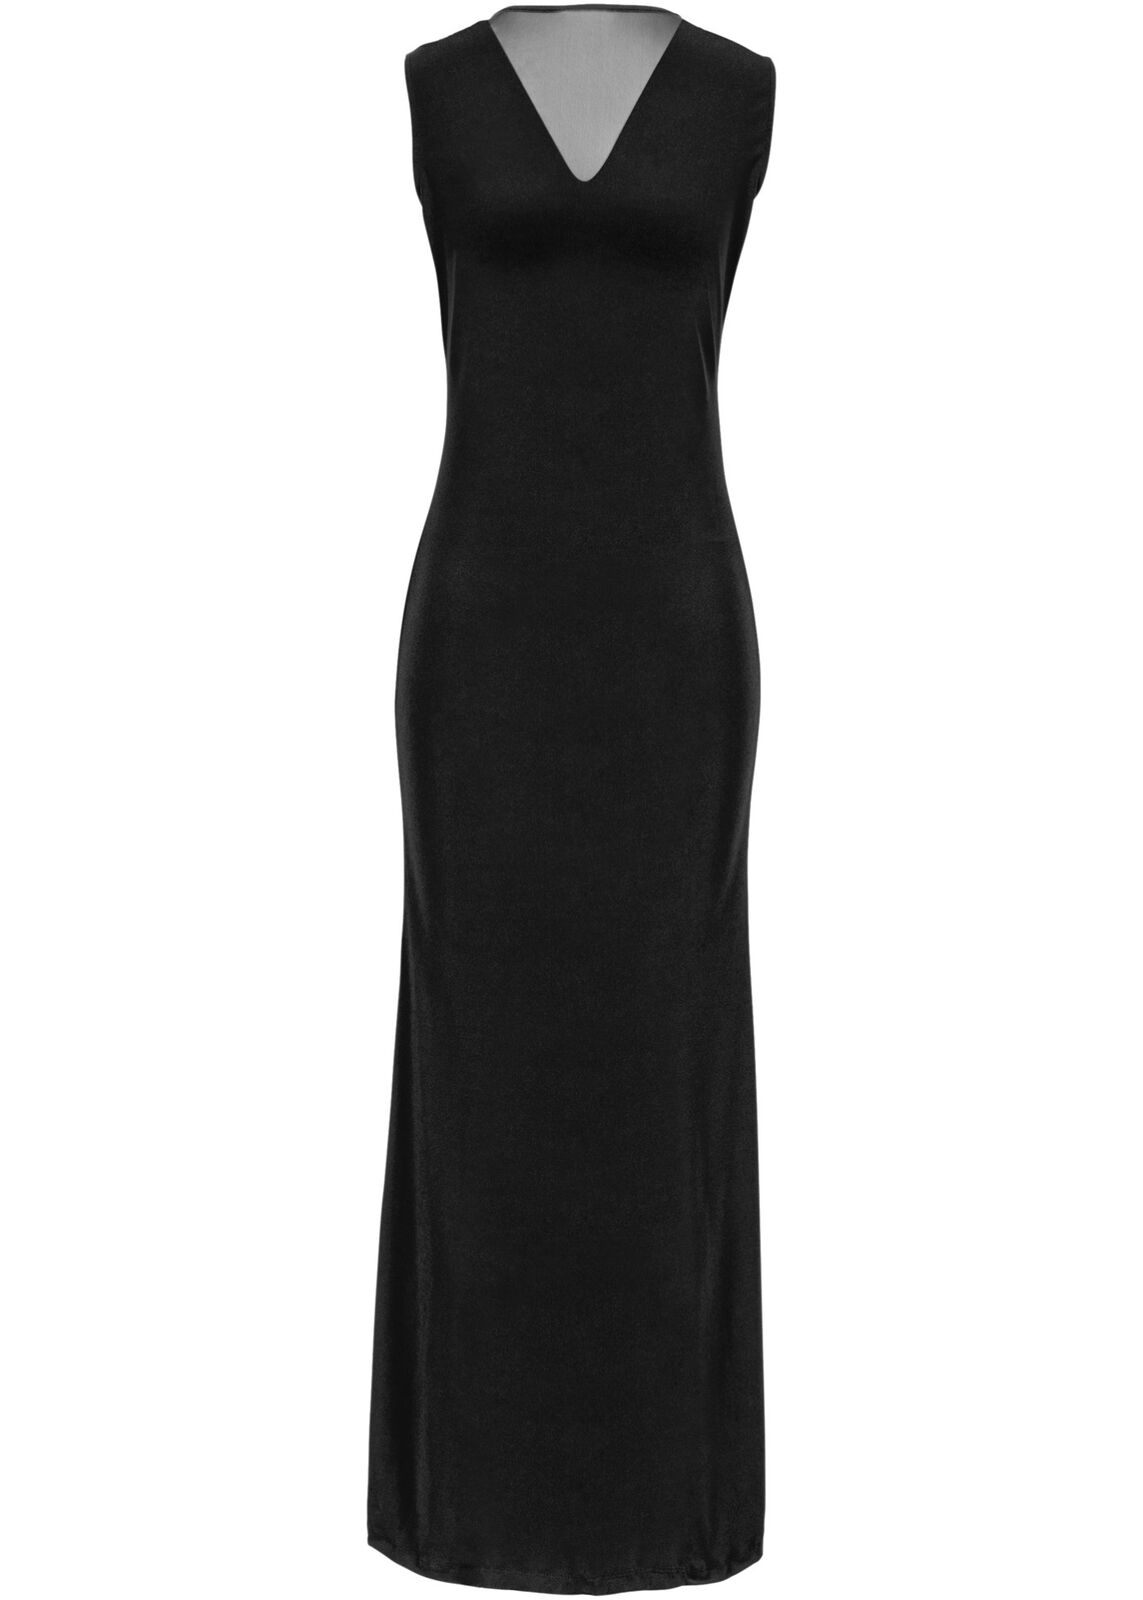 Abend-Kleid Gr. 36 38 Schwarz Eventkleid Maxikleid Cocktailkleid Partykleid Neu